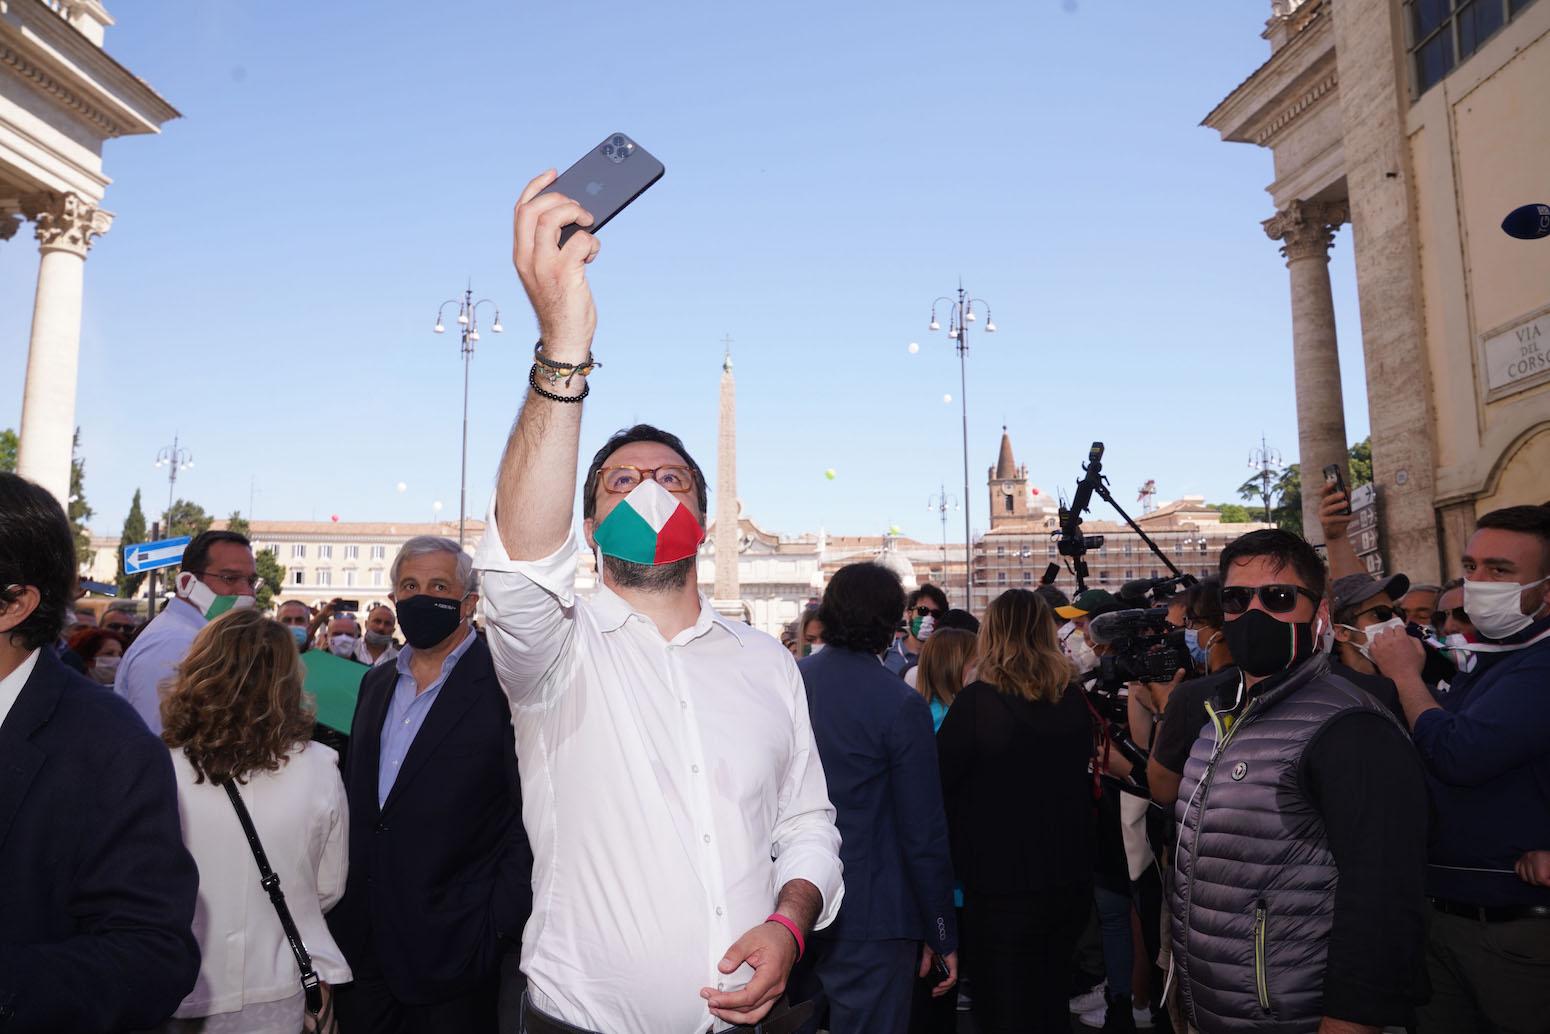 La piazza di Salvini e Meloni non aiuta la destra. Pasquino spiega perché